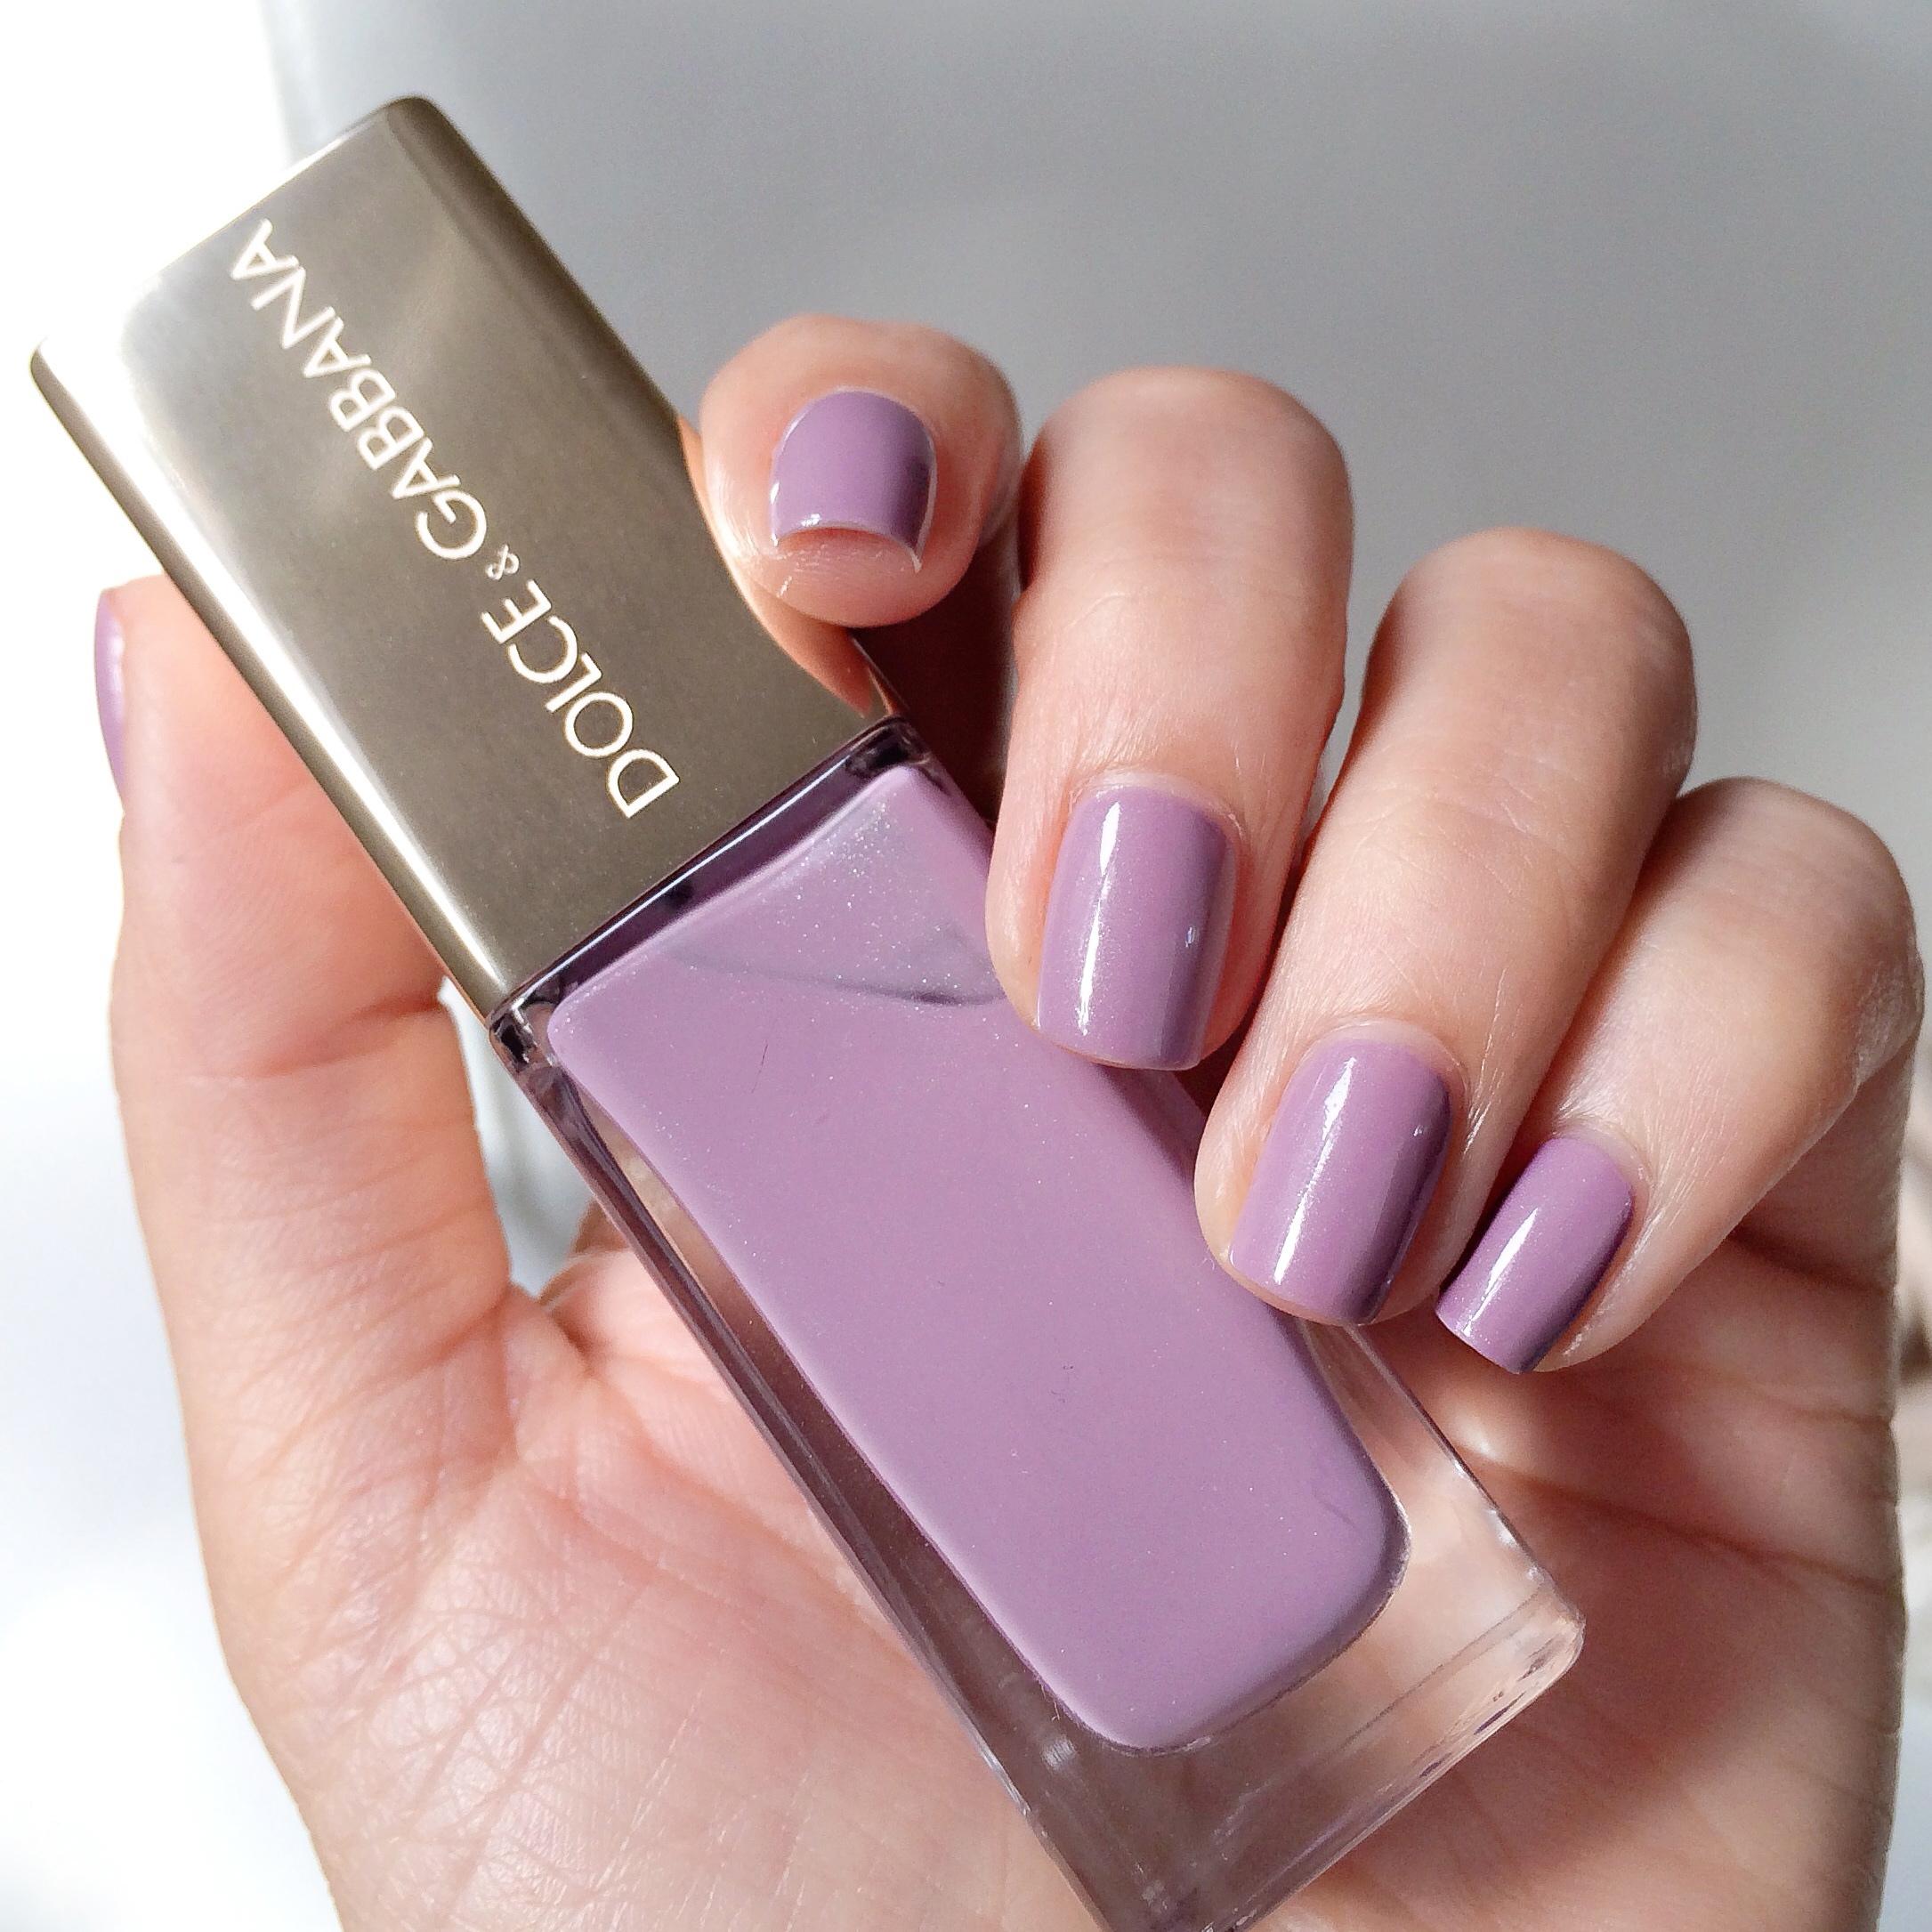 Lilac Nail Color: Dolce & Gabbana Nail Lacquer 107 Lilac